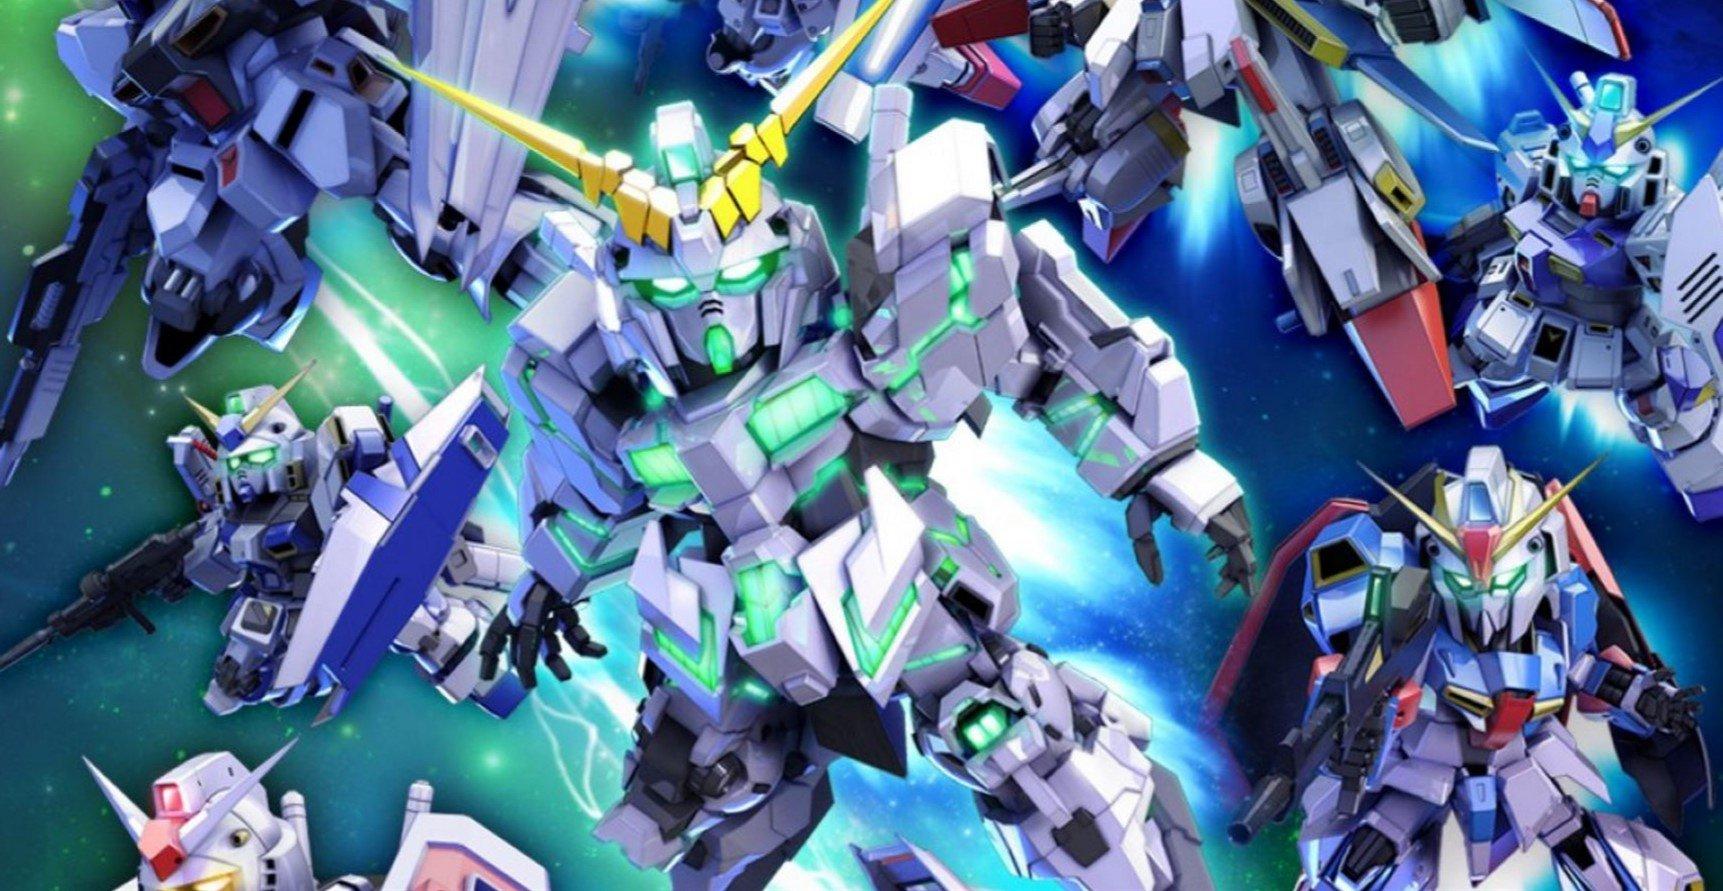 SD Gundam G Generation Genesis To Hit Japanese Switches This